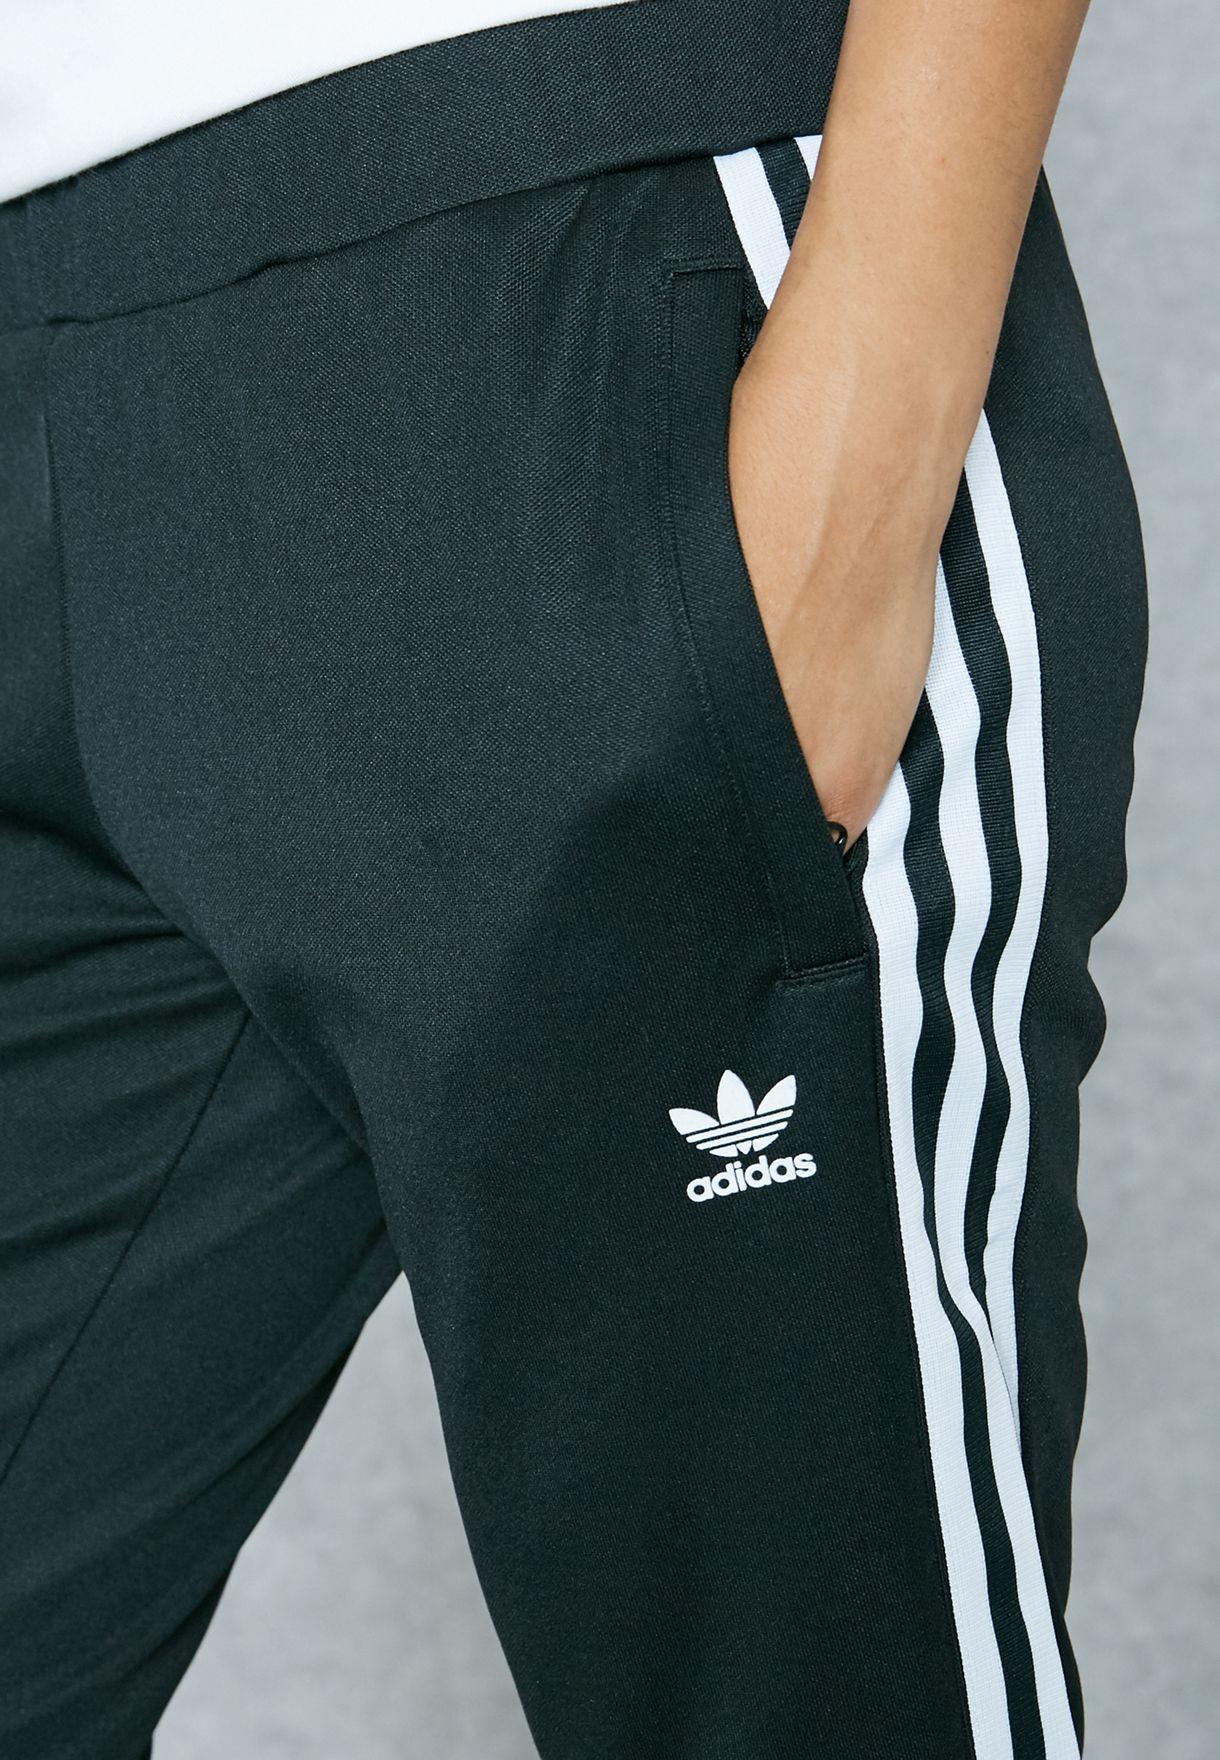 849d64232a8d Shop adidas Originals black Europa Tapered Sweatpants AJ8444 for ...